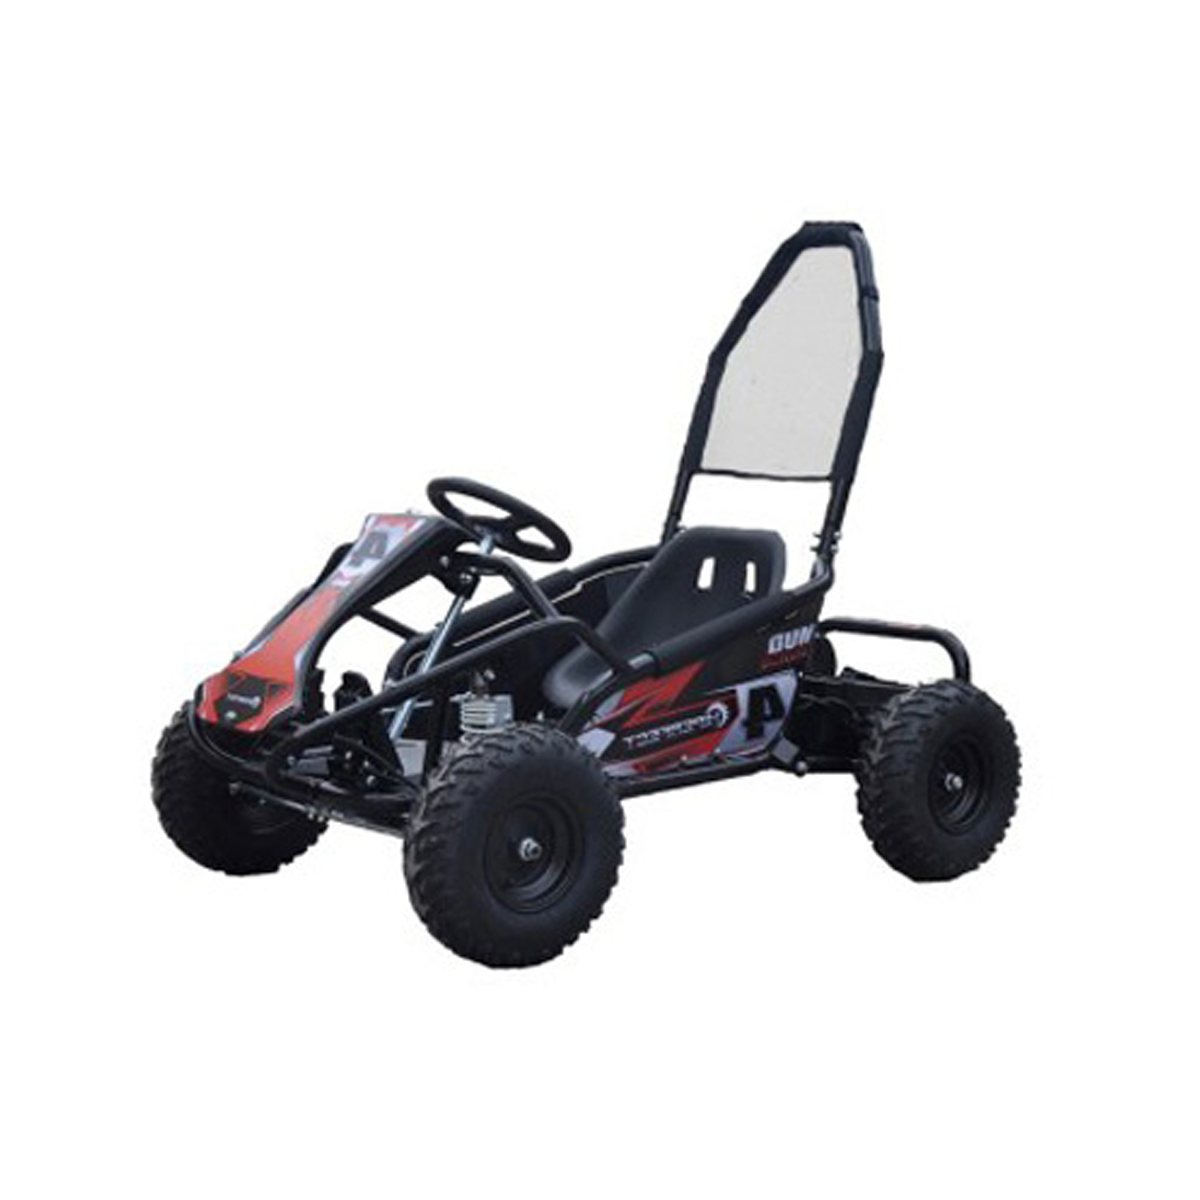 Black Mud Monster 1000w 20ah 48v Kids Electric Go Kart